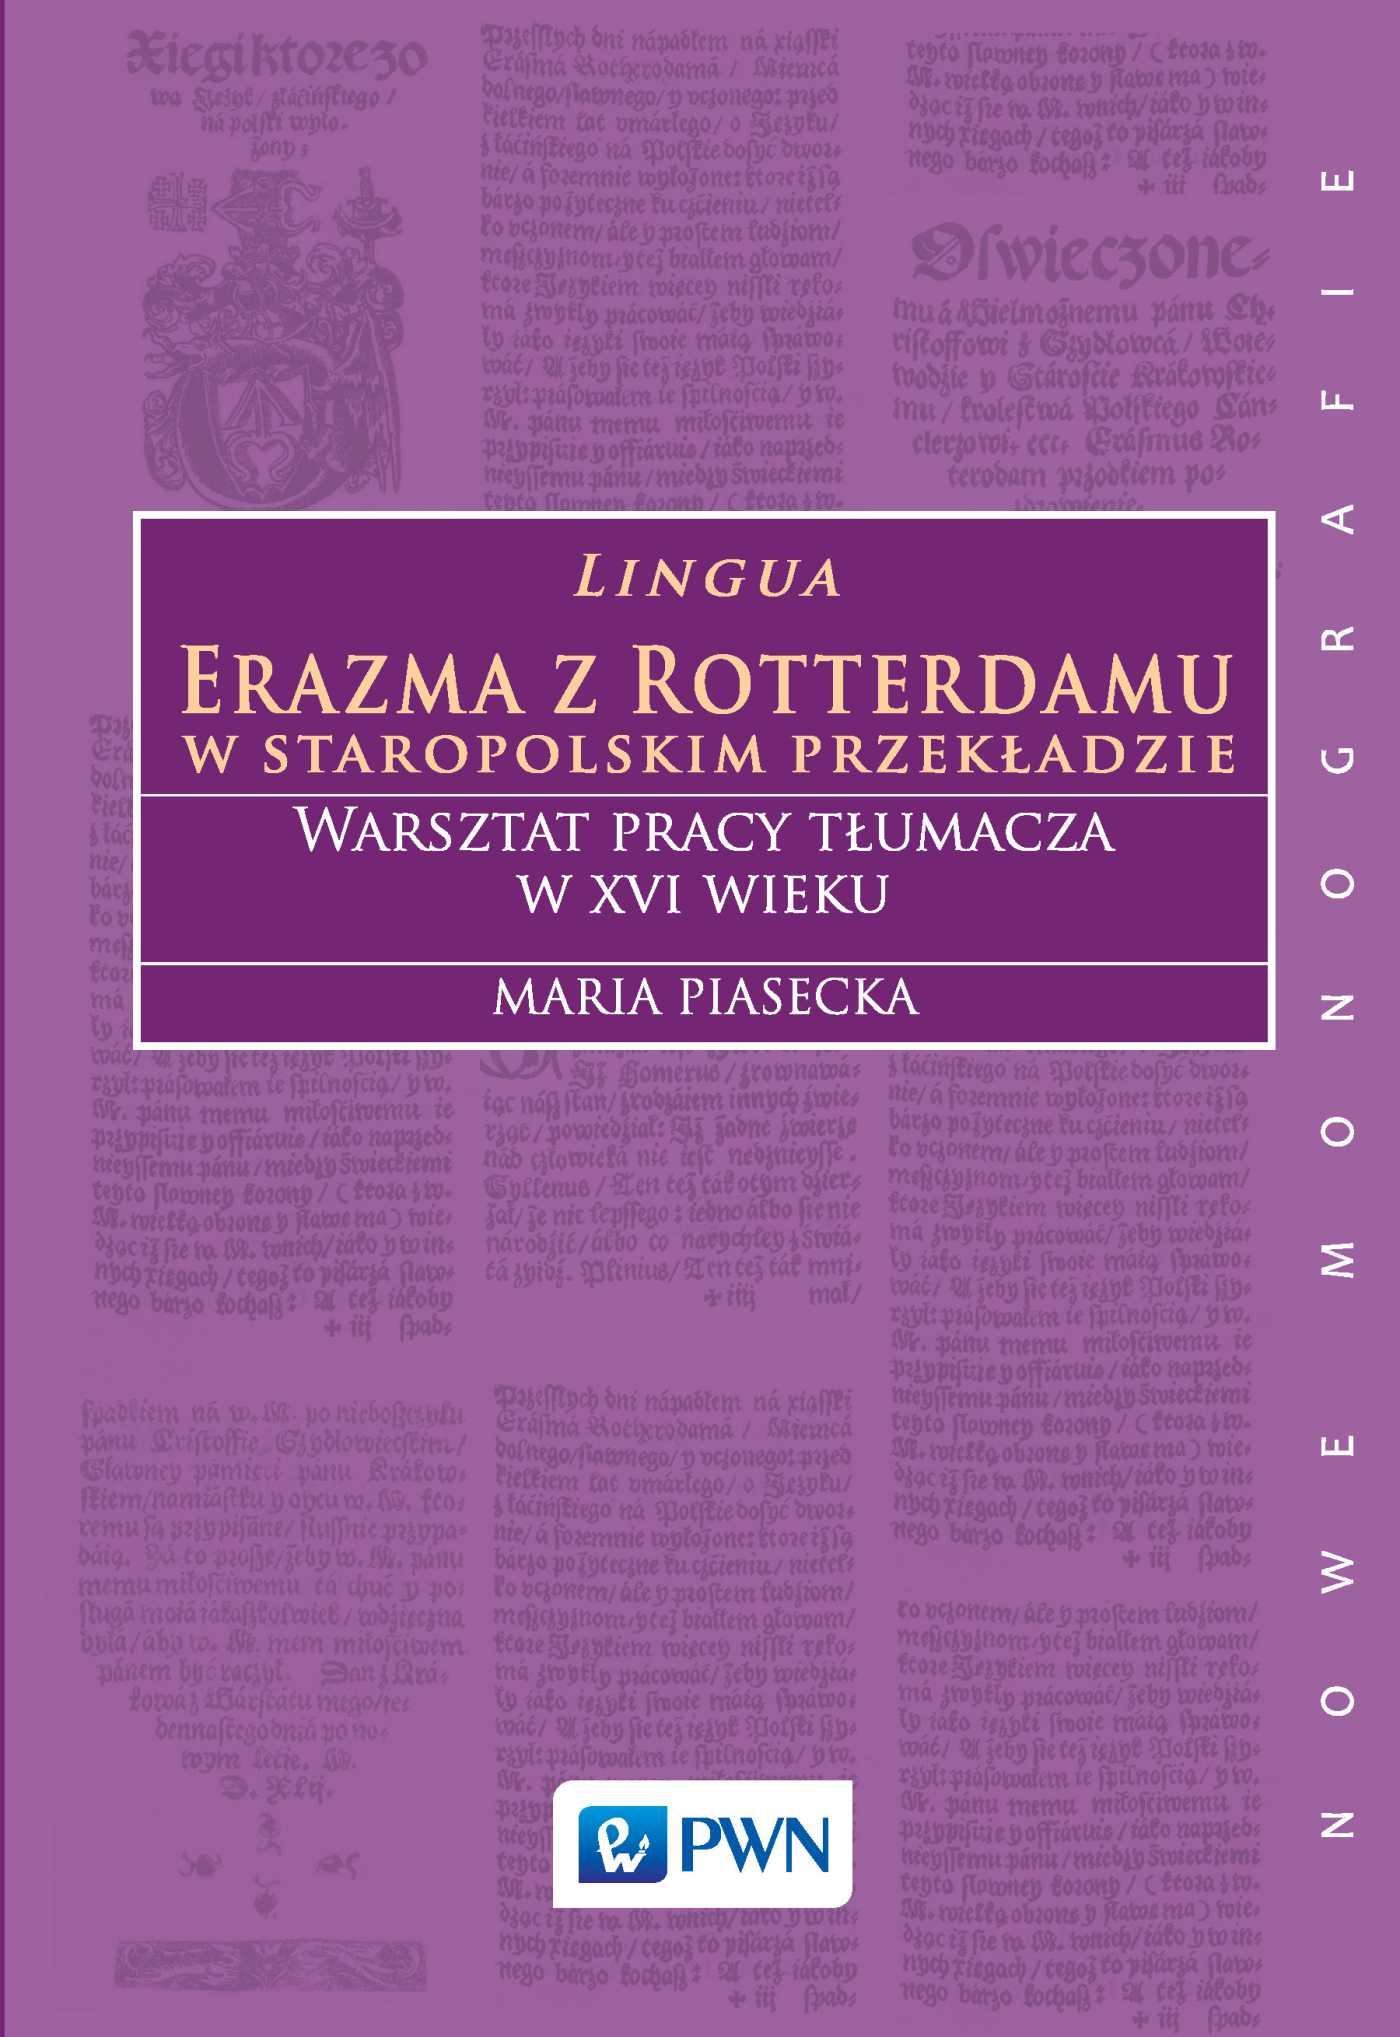 Lingua Erazma z Rotterdamu. W staropolskim przekładzie. Warsztat pracy tłumacza w XVI wieku. - Ebook (Książka na Kindle) do pobrania w formacie MOBI